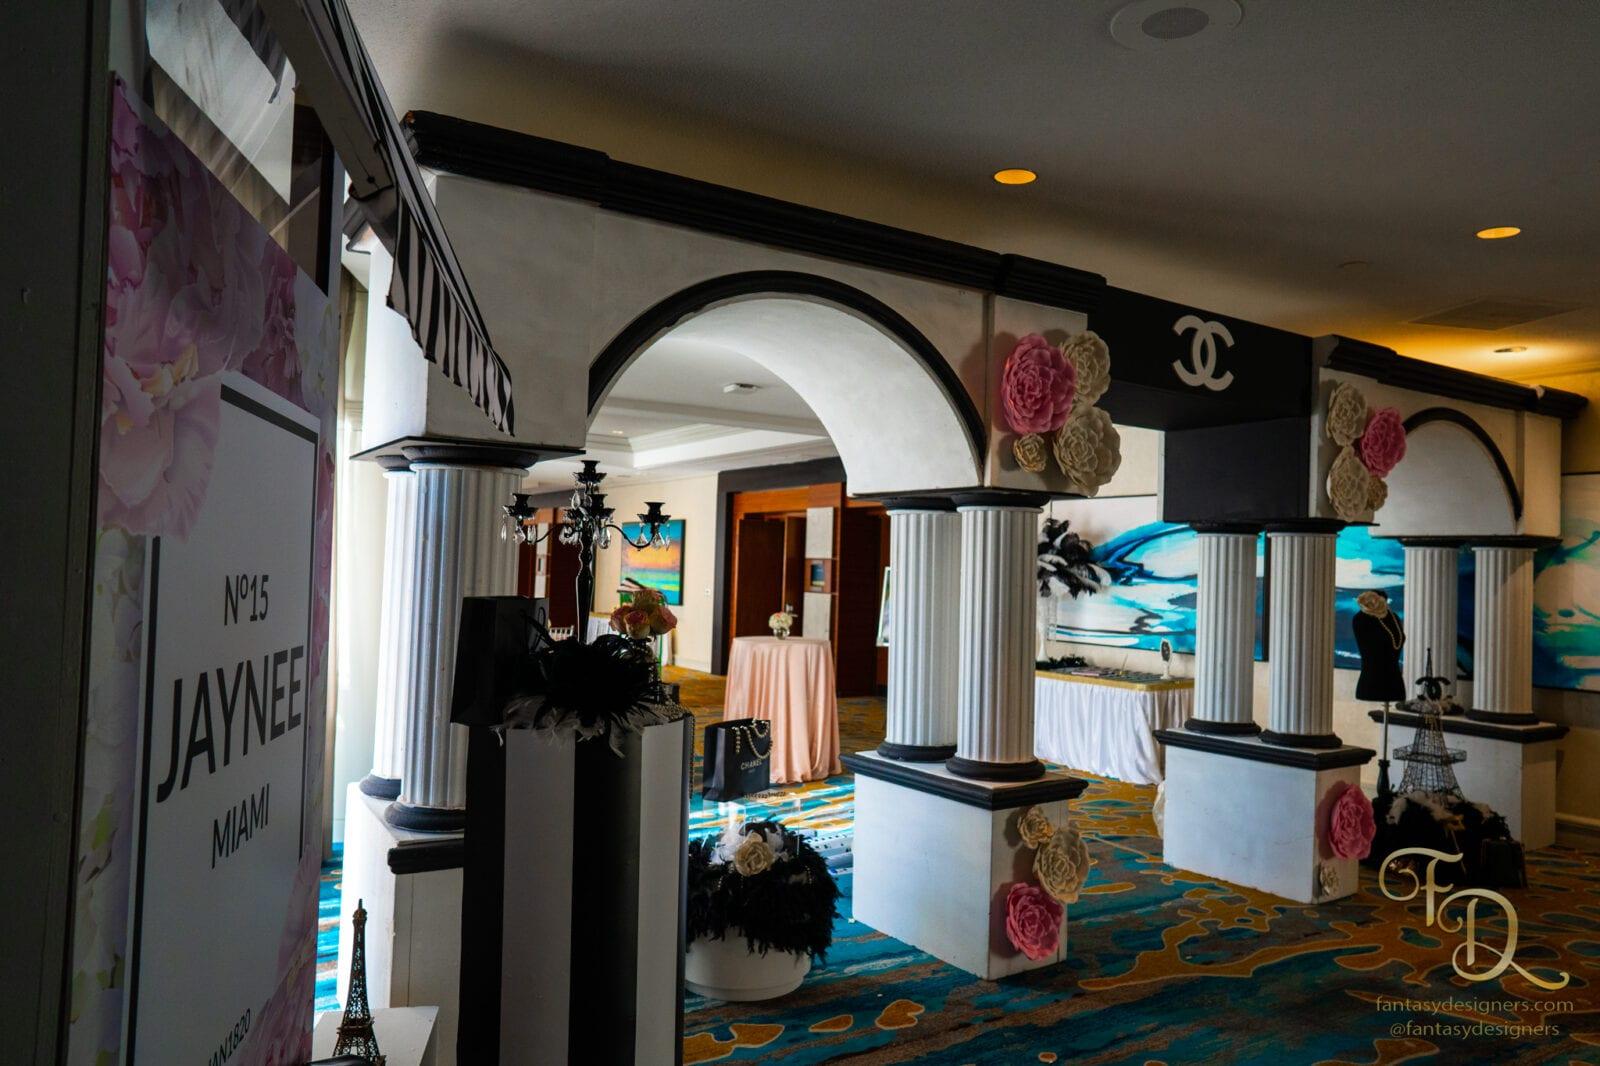 Chanel entrance arch wedding